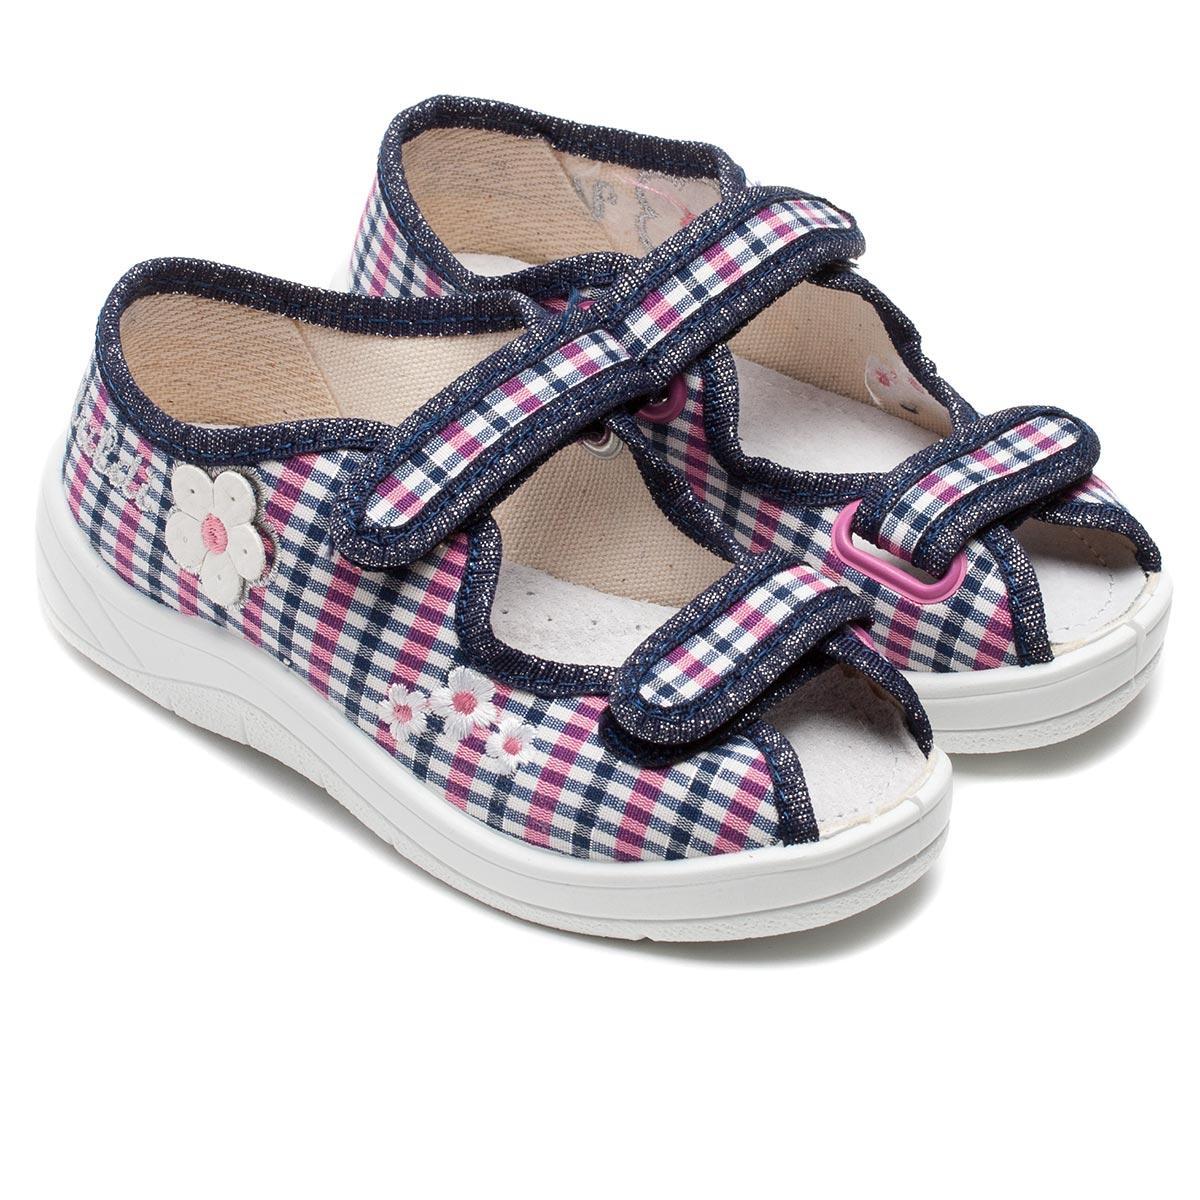 Ортопедические тапочки - сандалики Waldi для девочки, модель Даша, размер 24-30